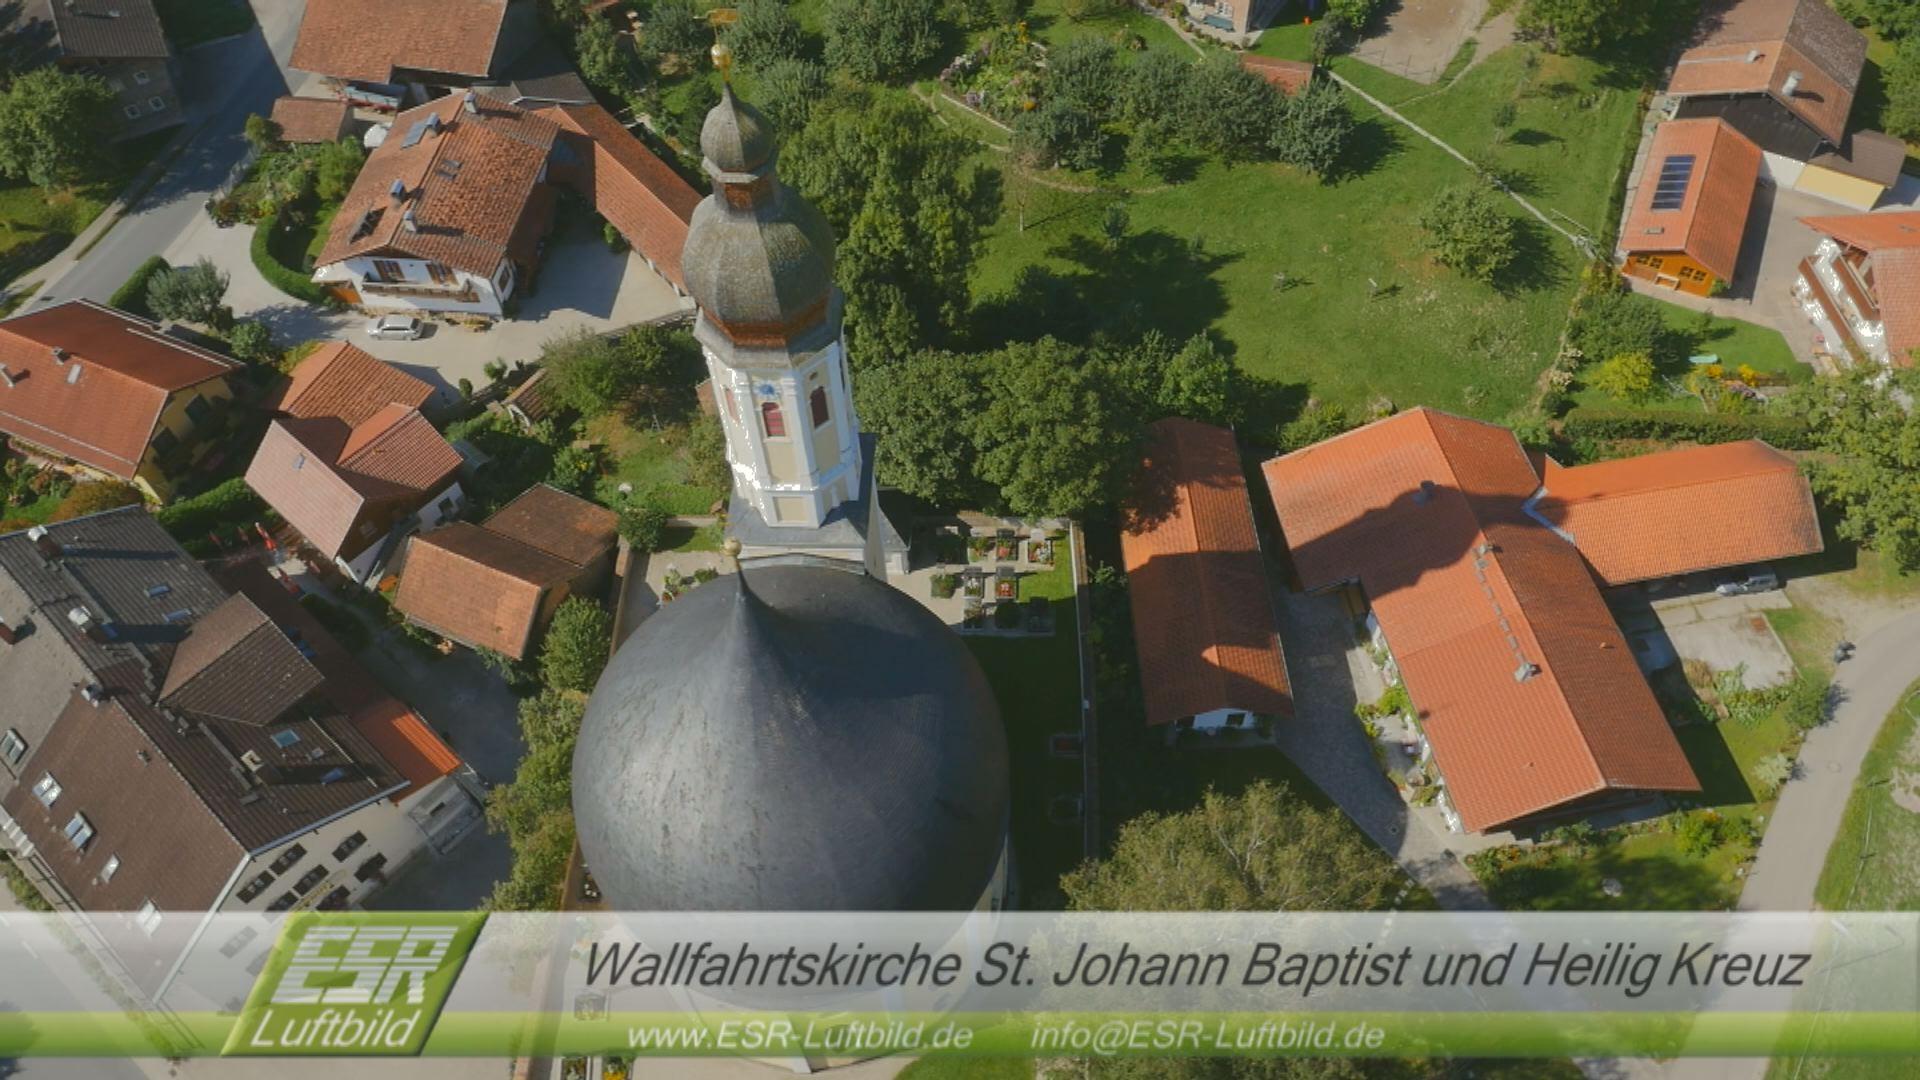 Luftbildaufnahmen, Luftbild, Luftaufnahmen, Kamera-Drohne